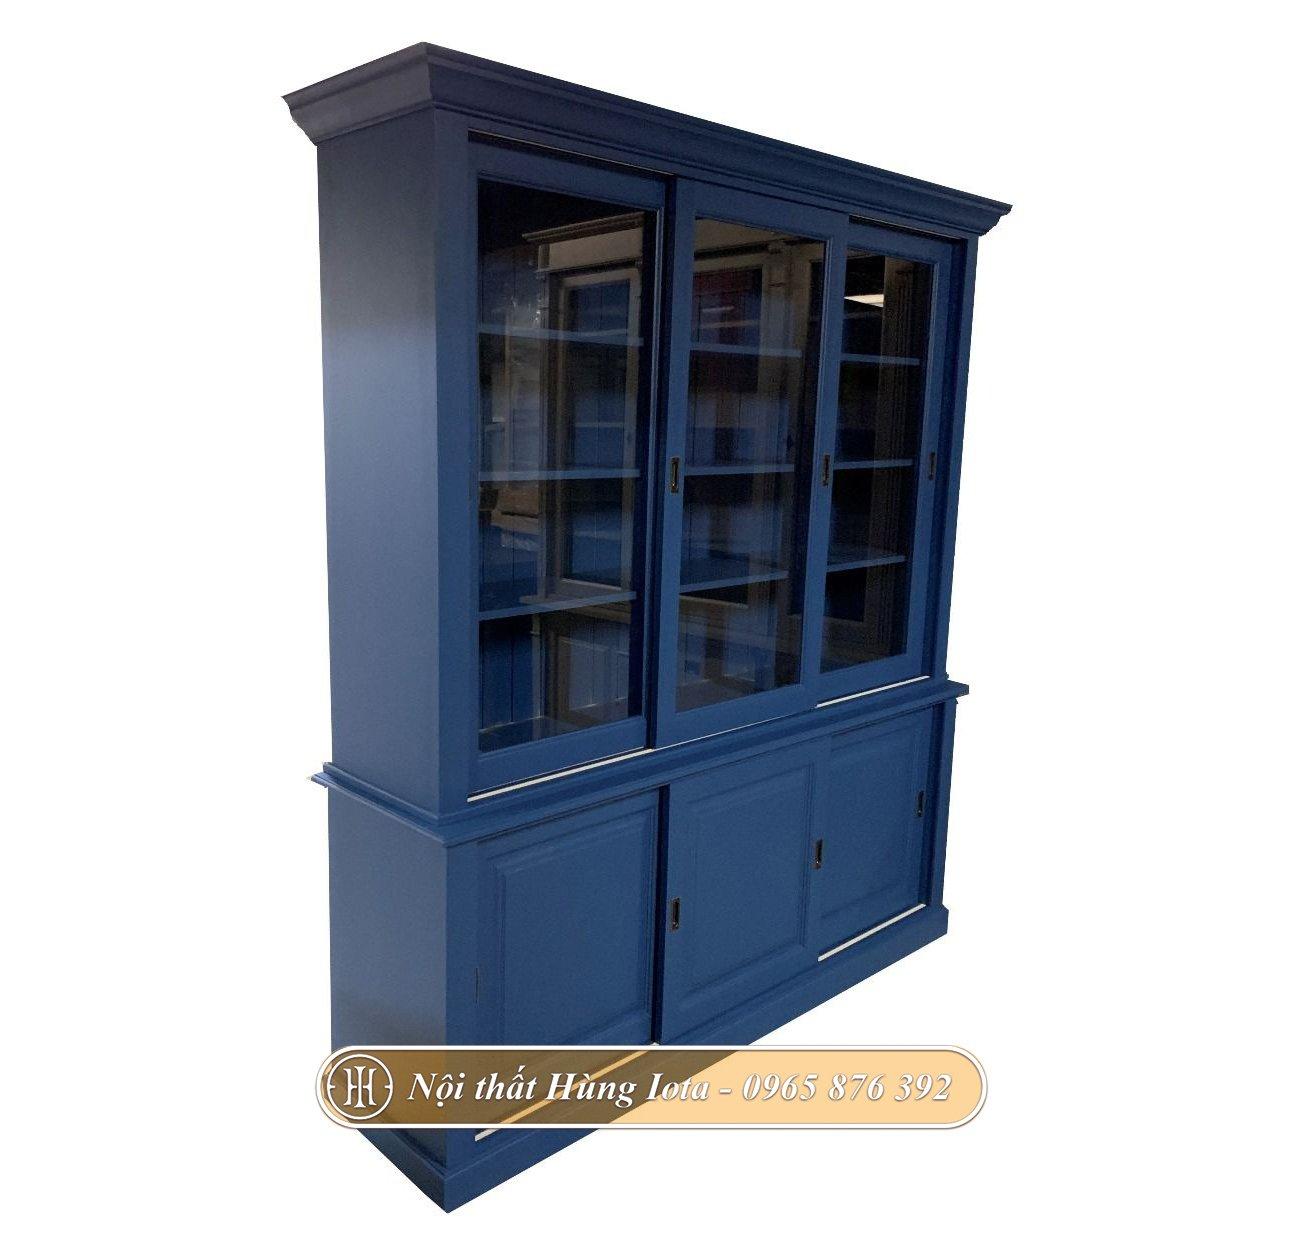 Tủ kính đựng sản phẩm đa năng màu xanh dương đẹp